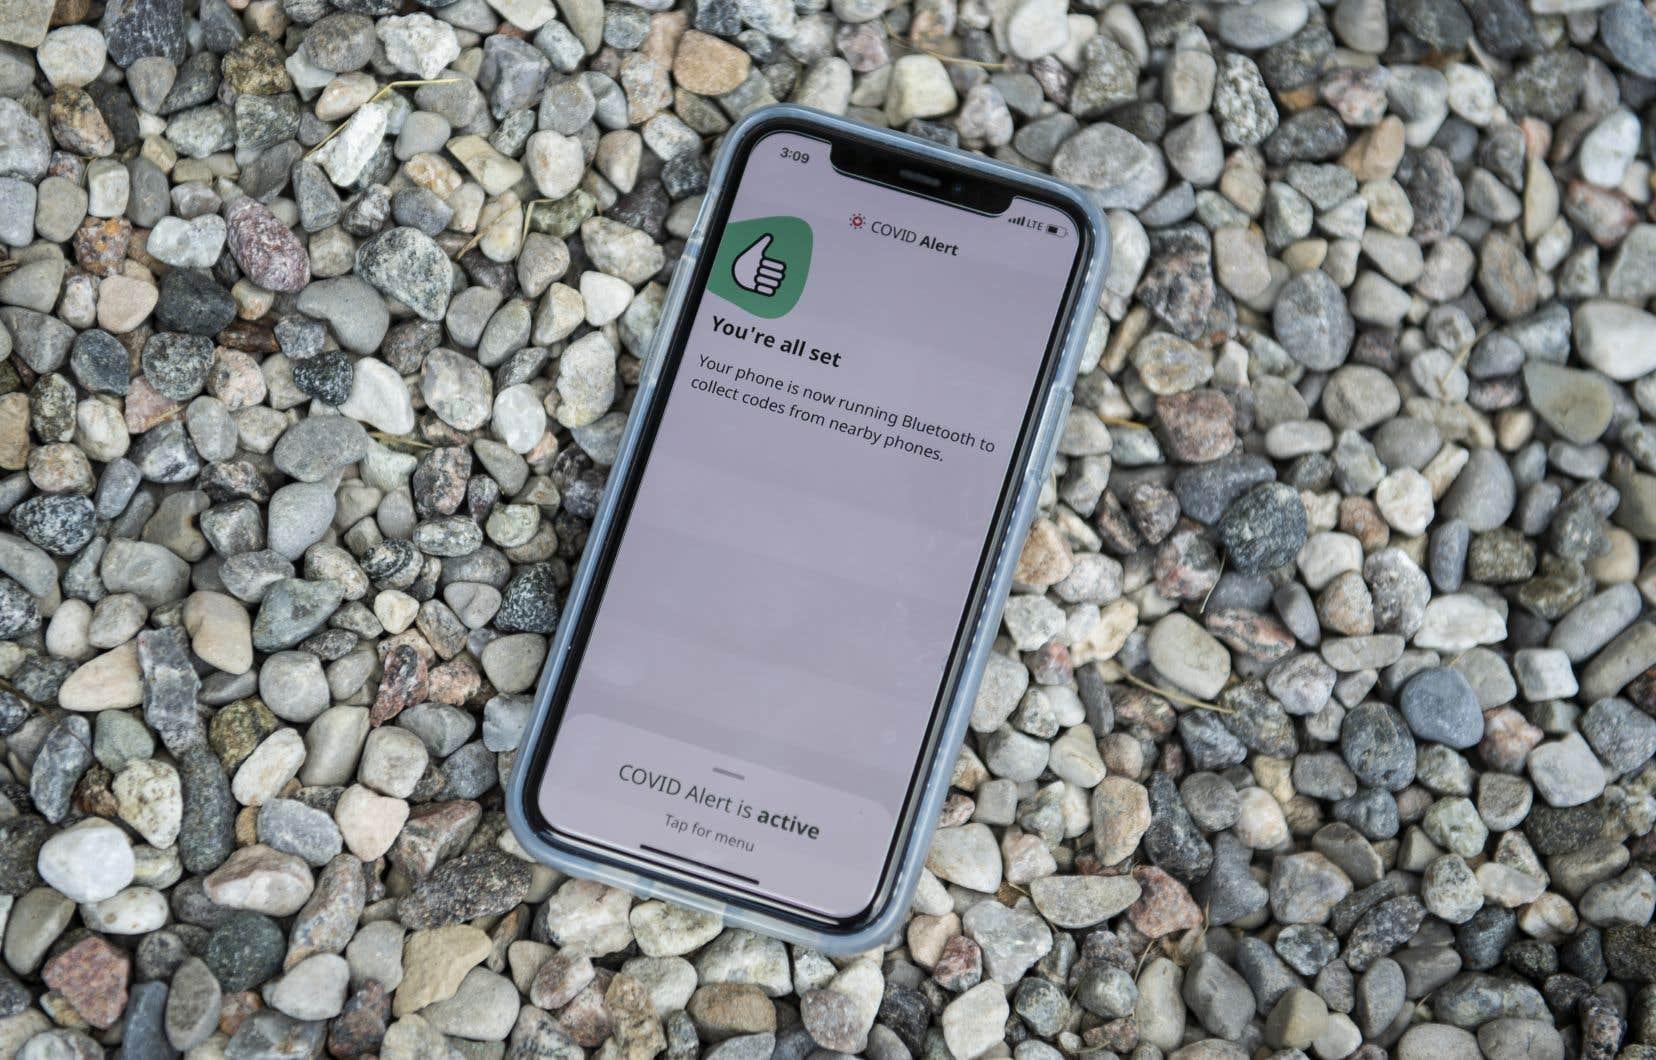 «La technologie Bluetooth, invoquée dans toutes les applications de suivi de contacts, n'a PAS été conçue pour mesurer une distance, mais seulement pour transmettre des données», rappelle l'auteur.